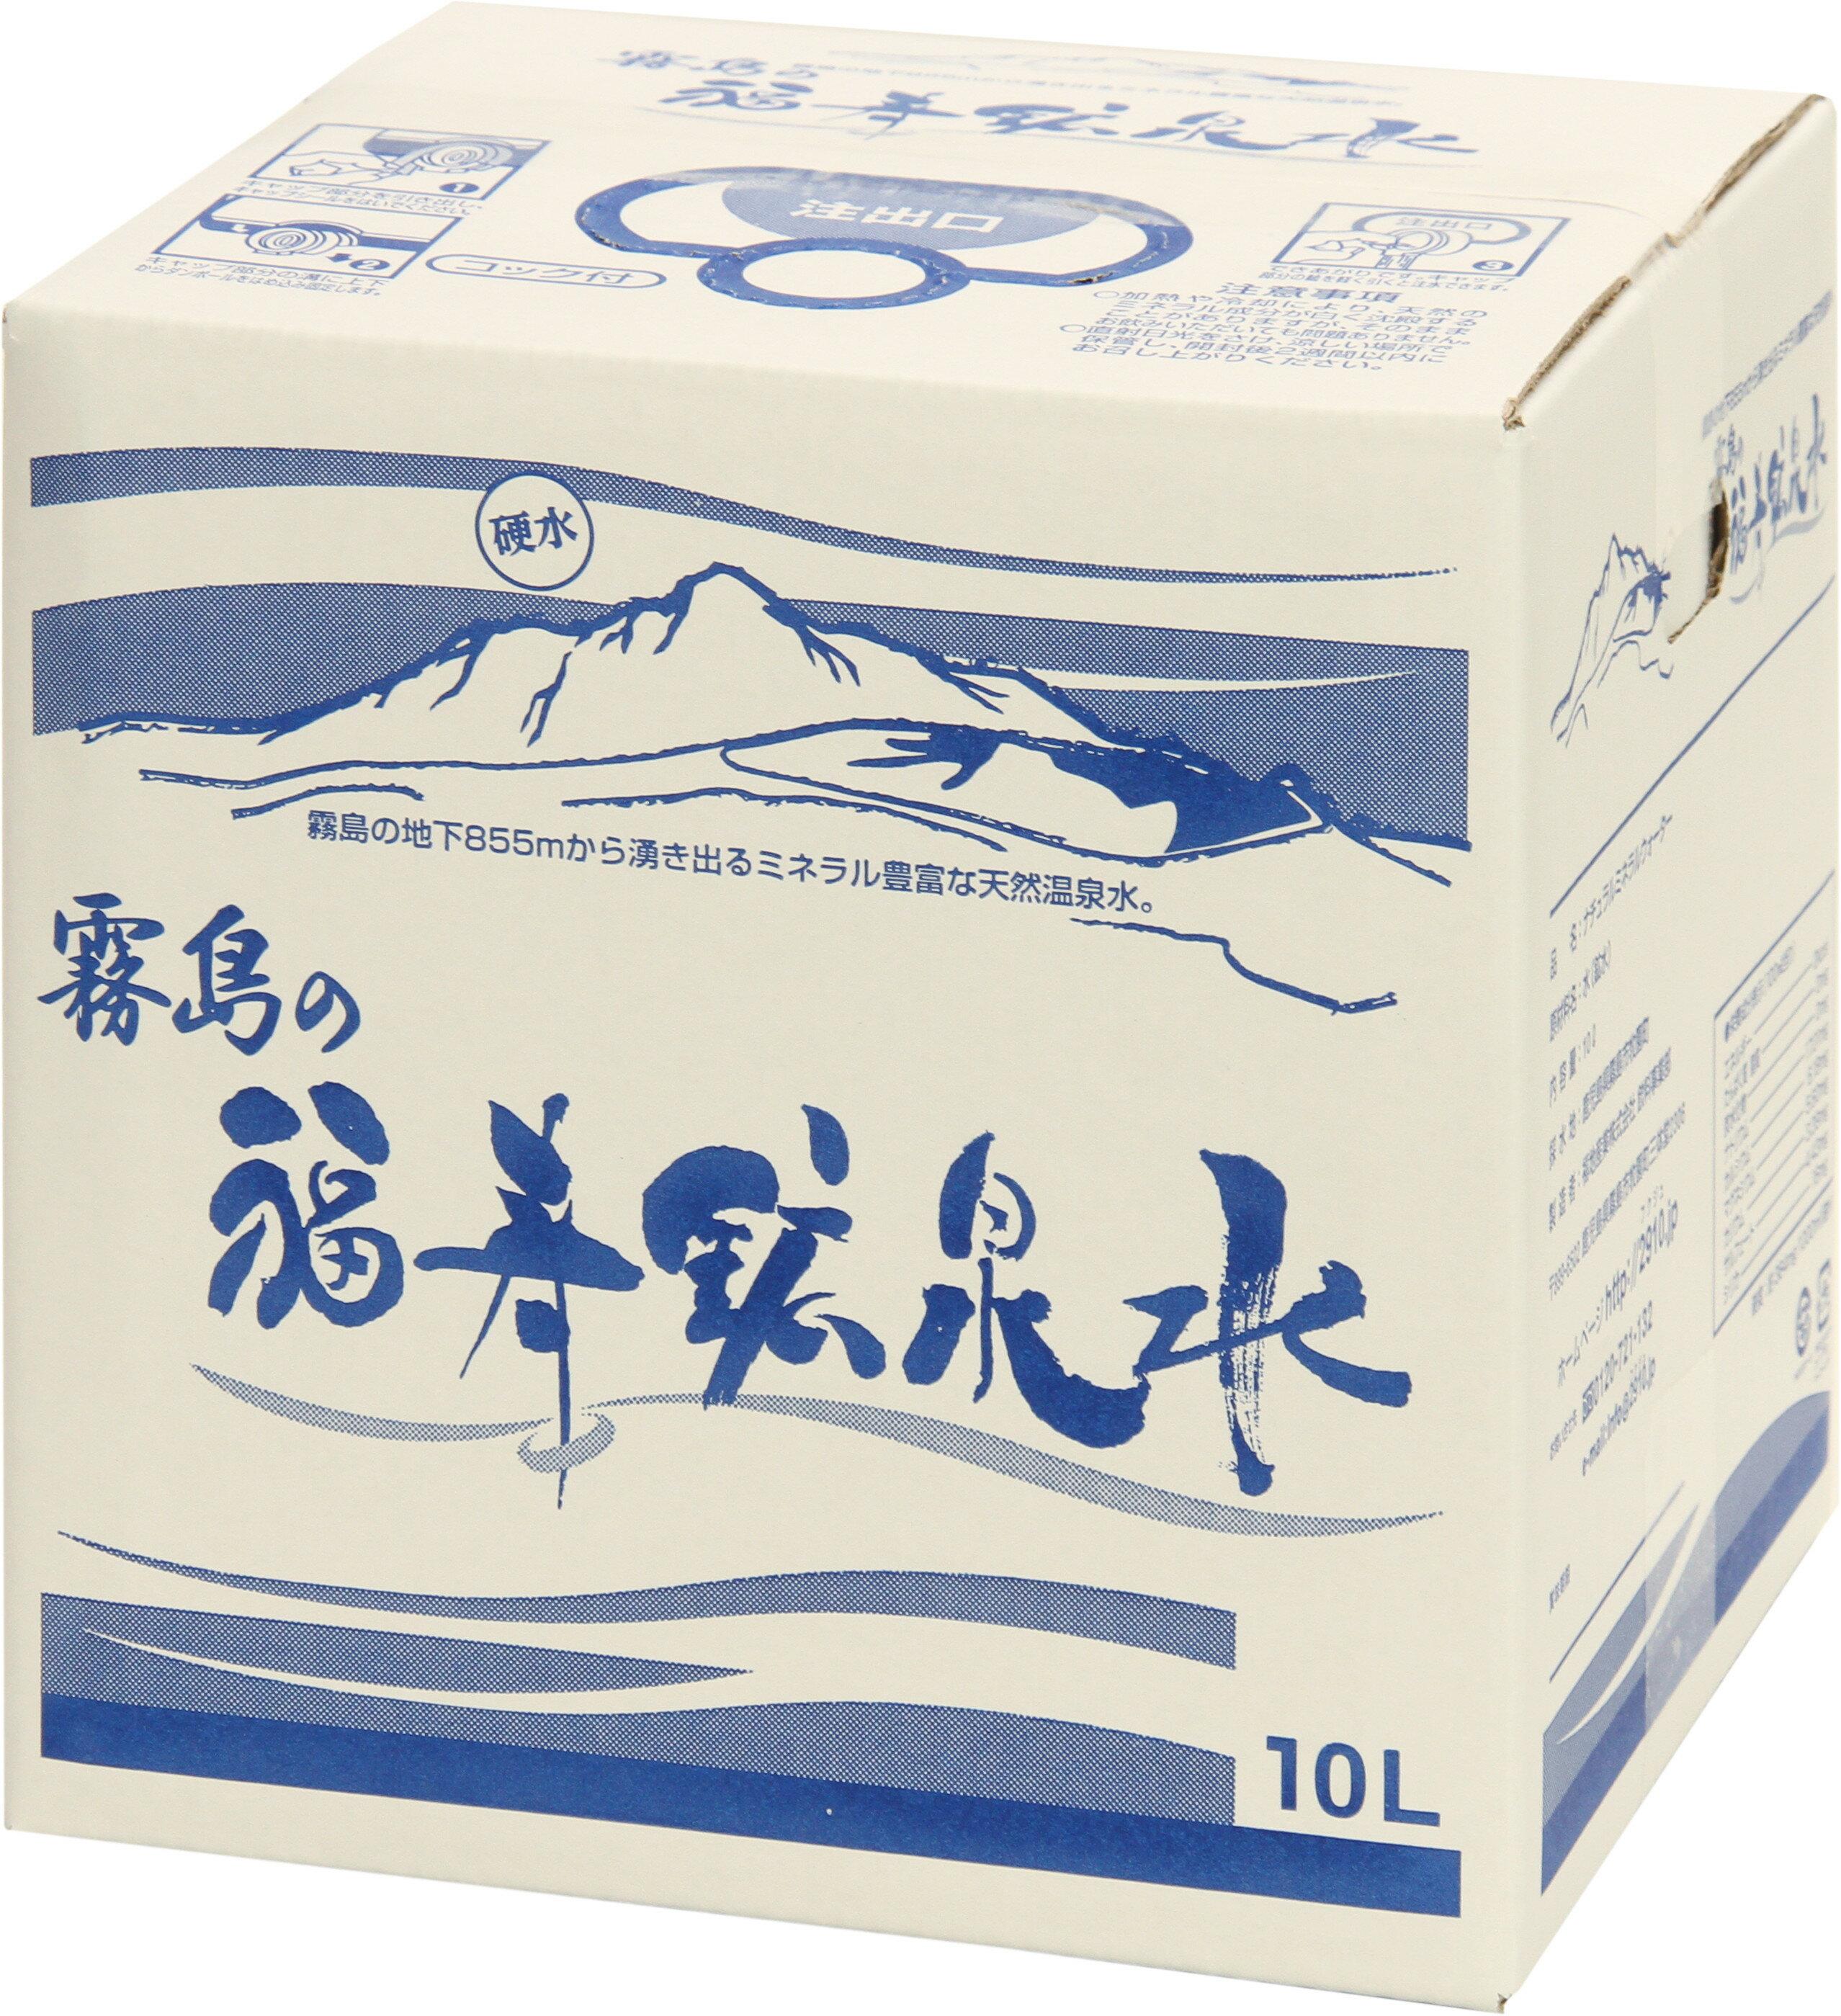 霧島の福寿鉱泉水 10Lバッグインボックス(BIB) 天然温泉水(硬水、シリカ水)【送料無料。北海道・沖縄除く】